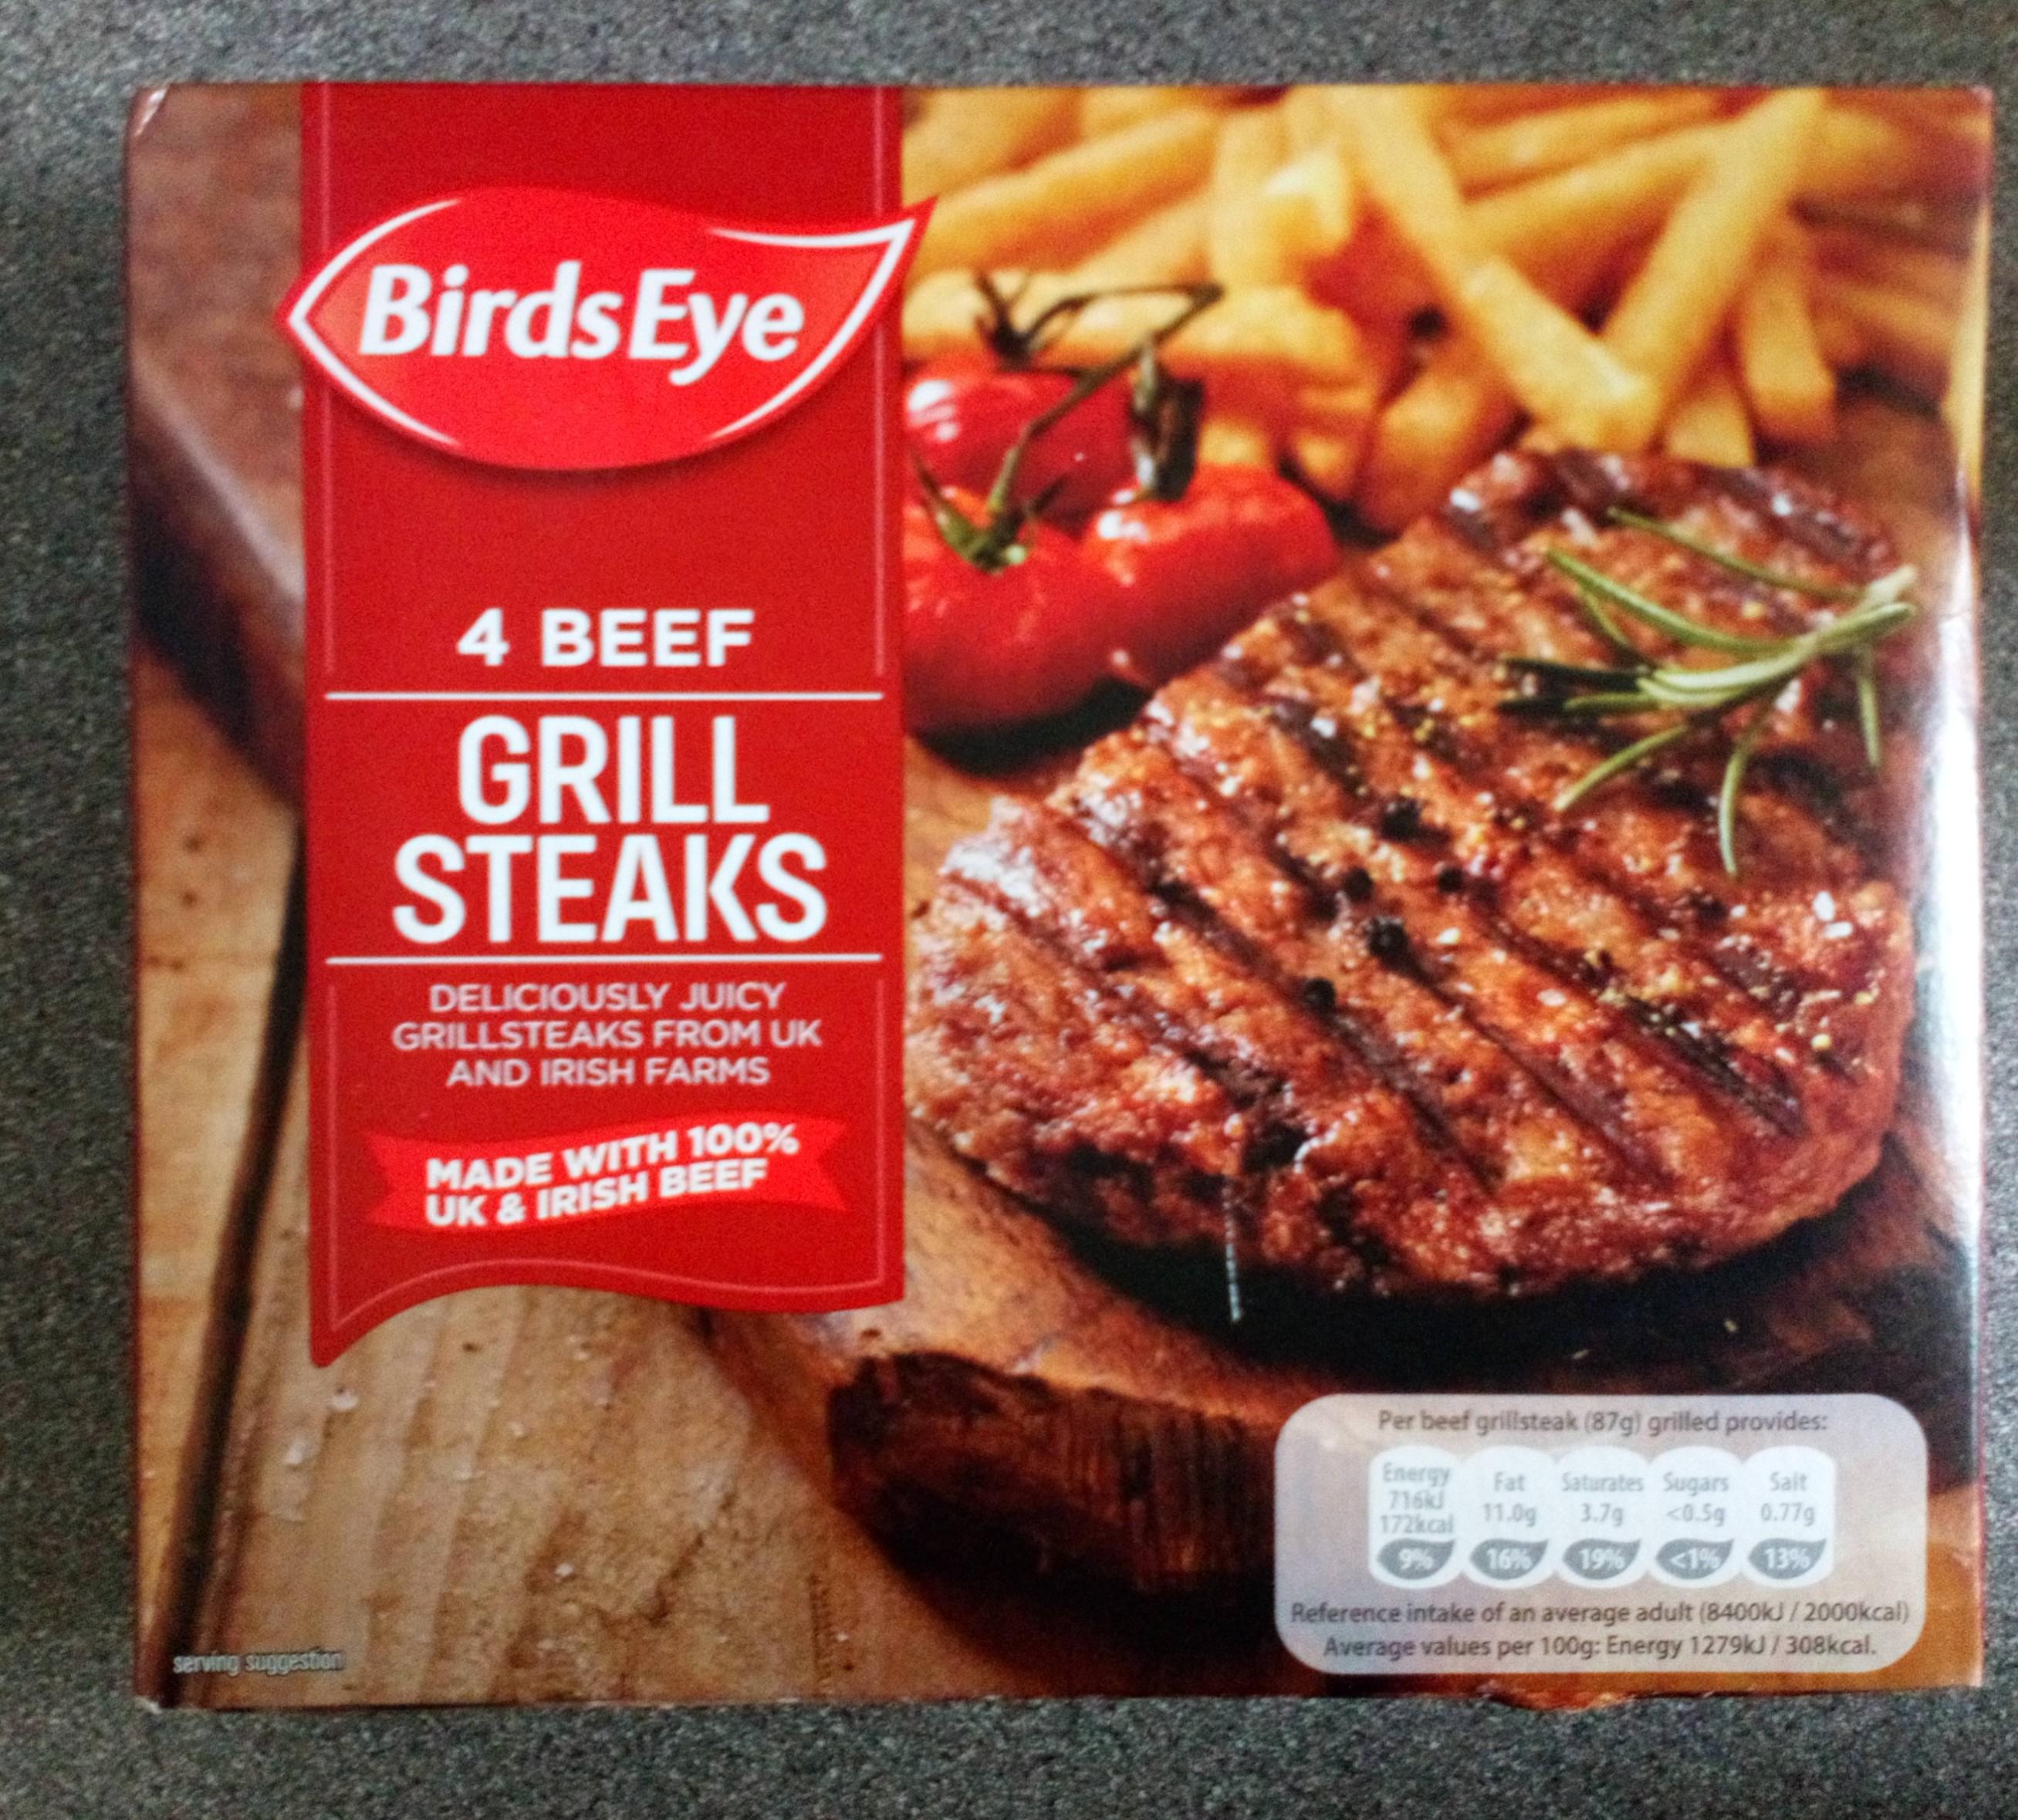 Birds Eye Grill Steaks @Tesco 50p